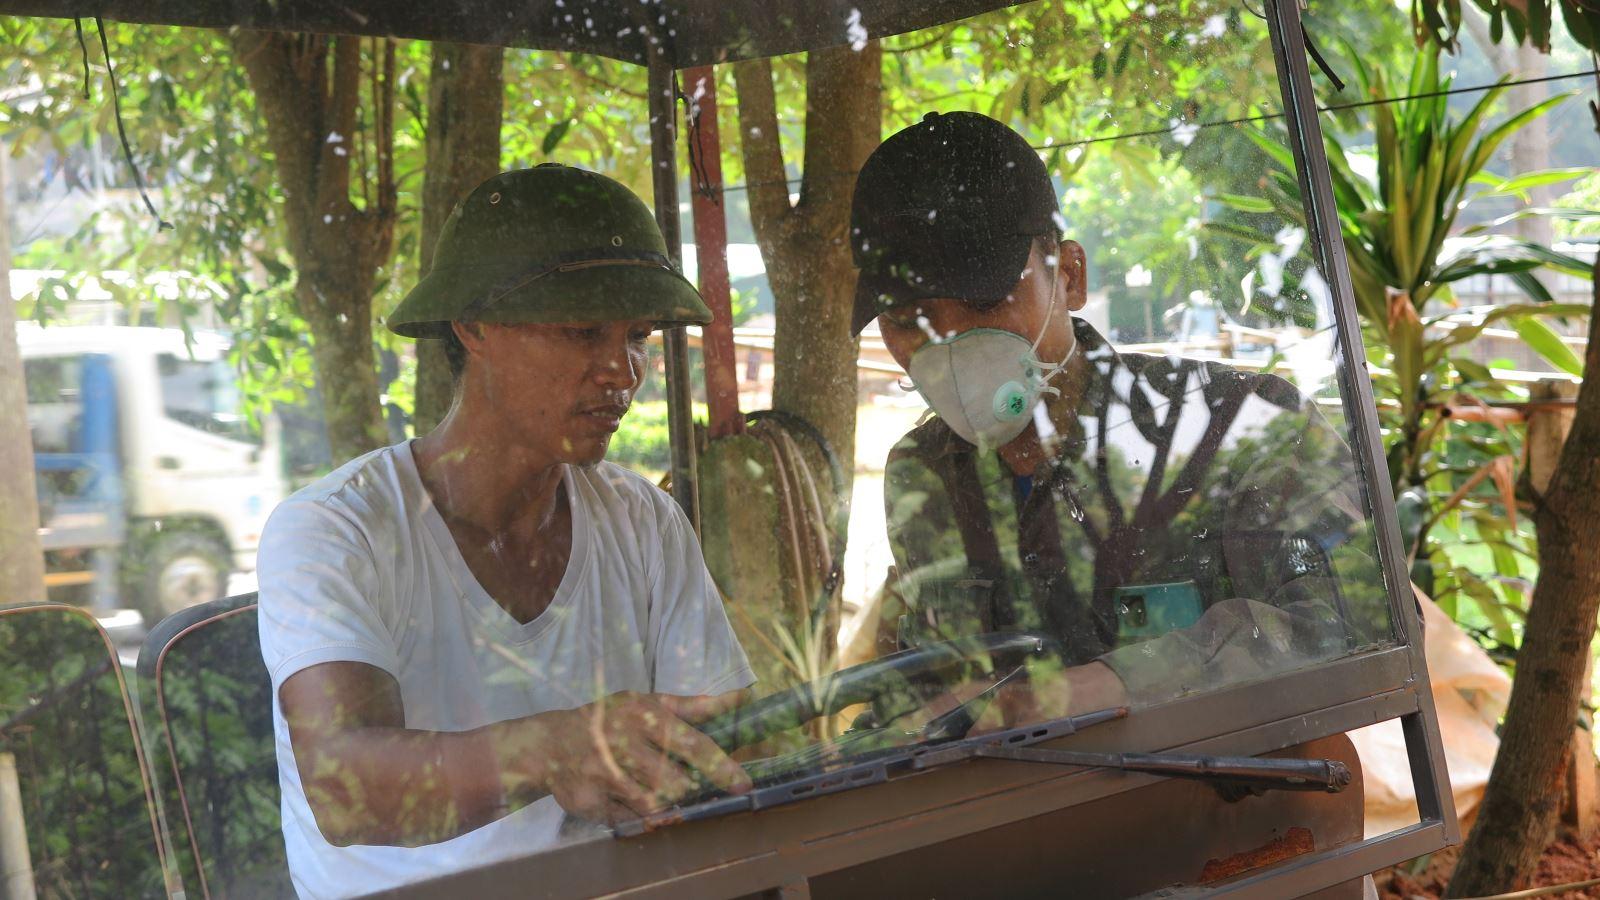 Phú Thọ: Trai làng 8X sáng chế ra xe jeep thùng rất ngầu, ai nhìn thấy cũng trầm trồ phục lăn - Ảnh 3.